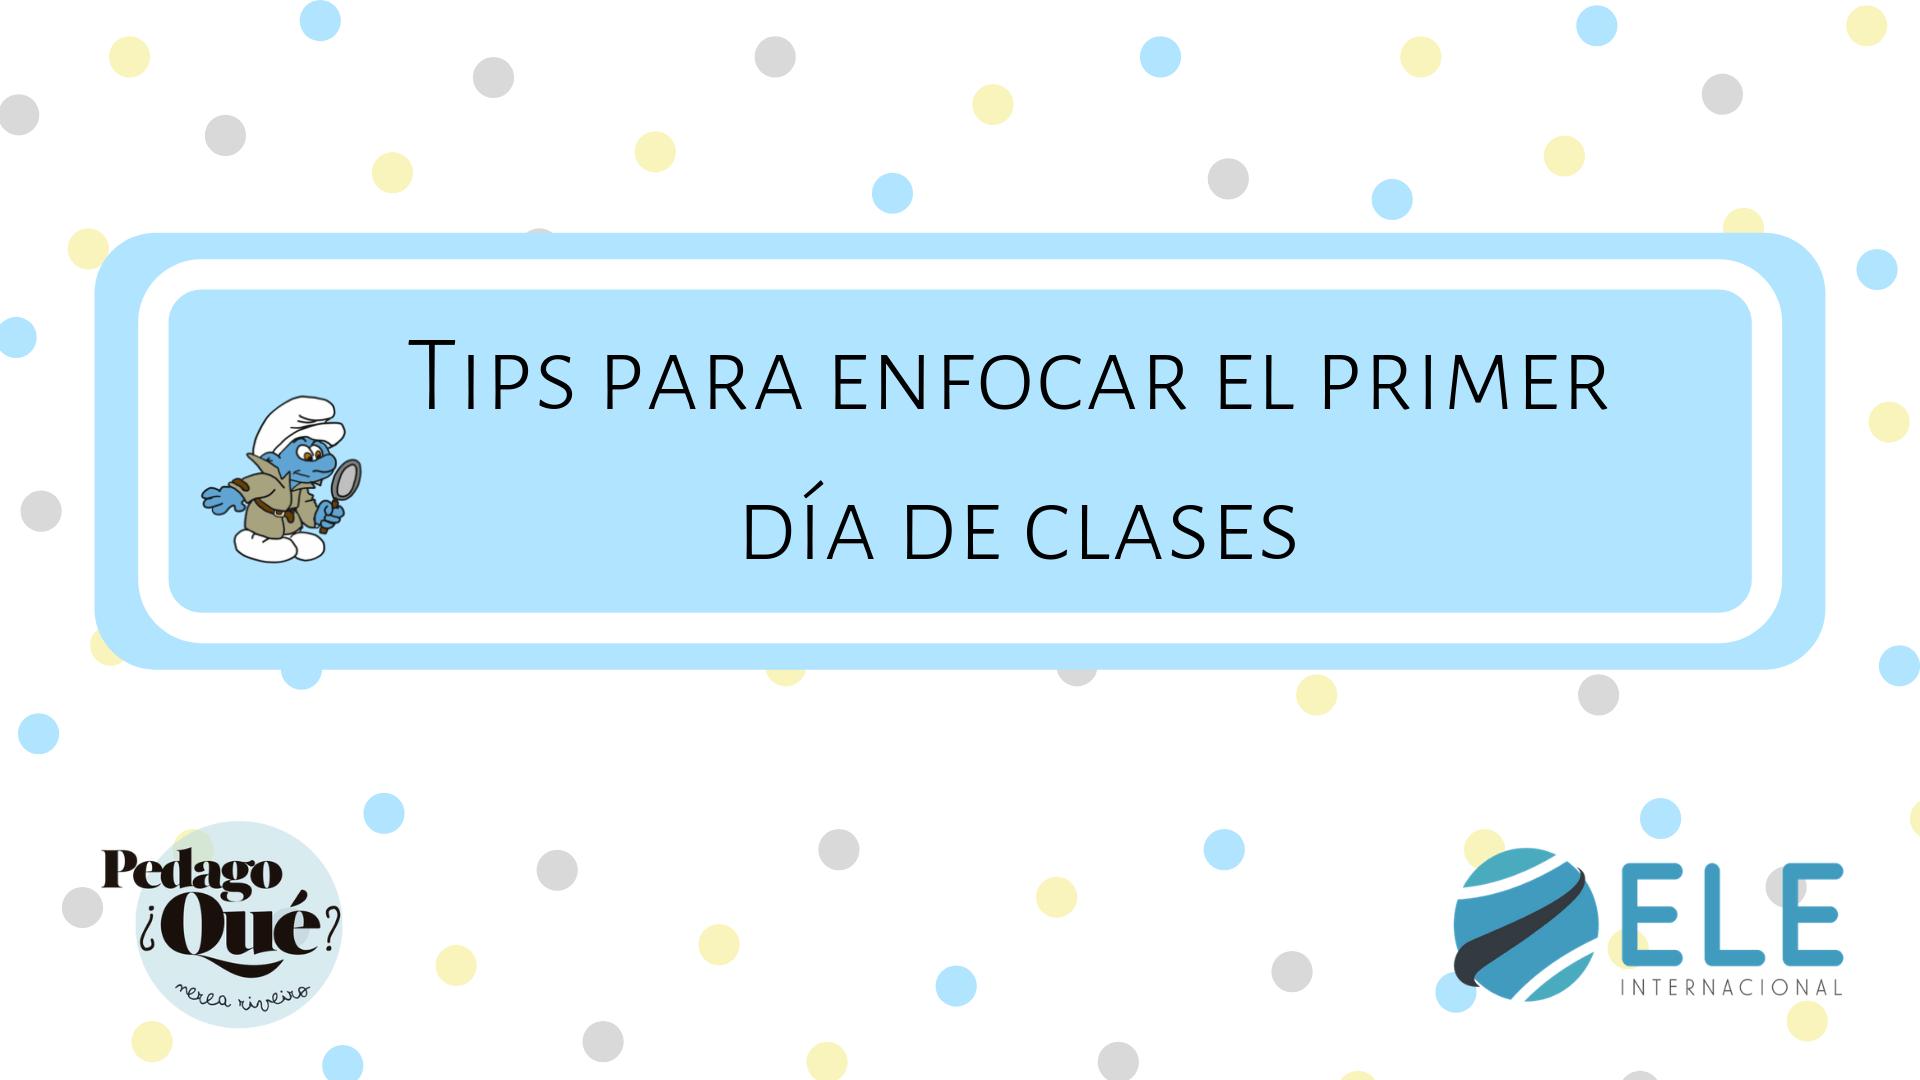 consejos y dinámicas para enfocar el primer día de clase